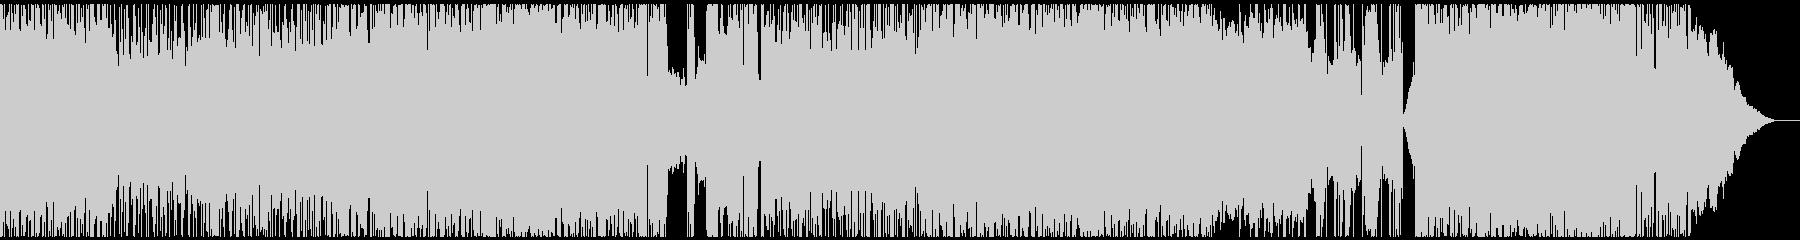 【パワフルギター生演奏】ポップHR 2の未再生の波形